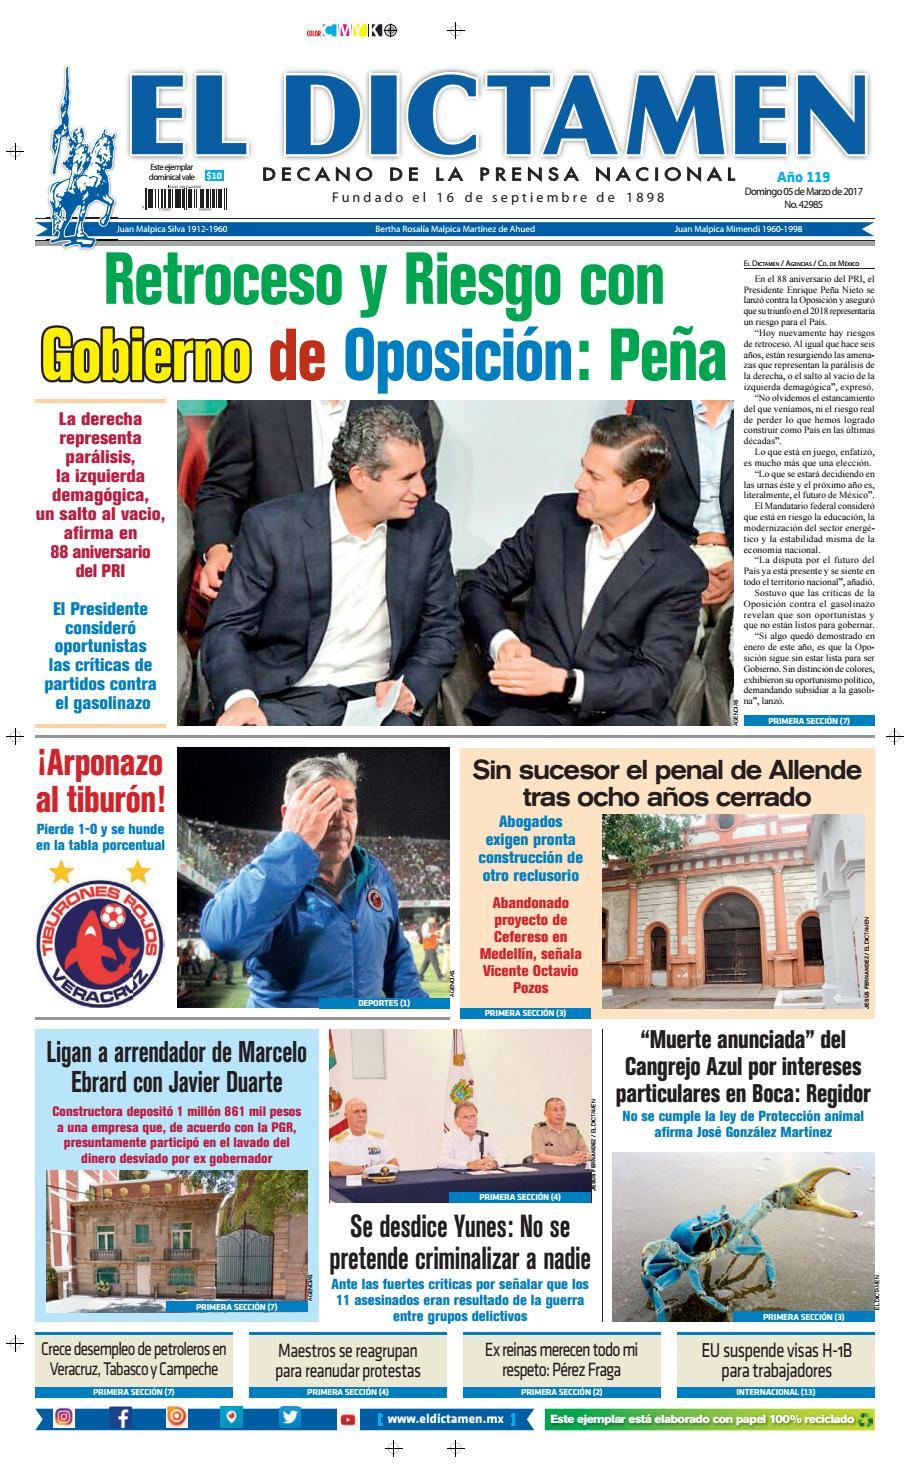 El Dictamen 5 de Marzo 2017 by El Dictamen - issuu